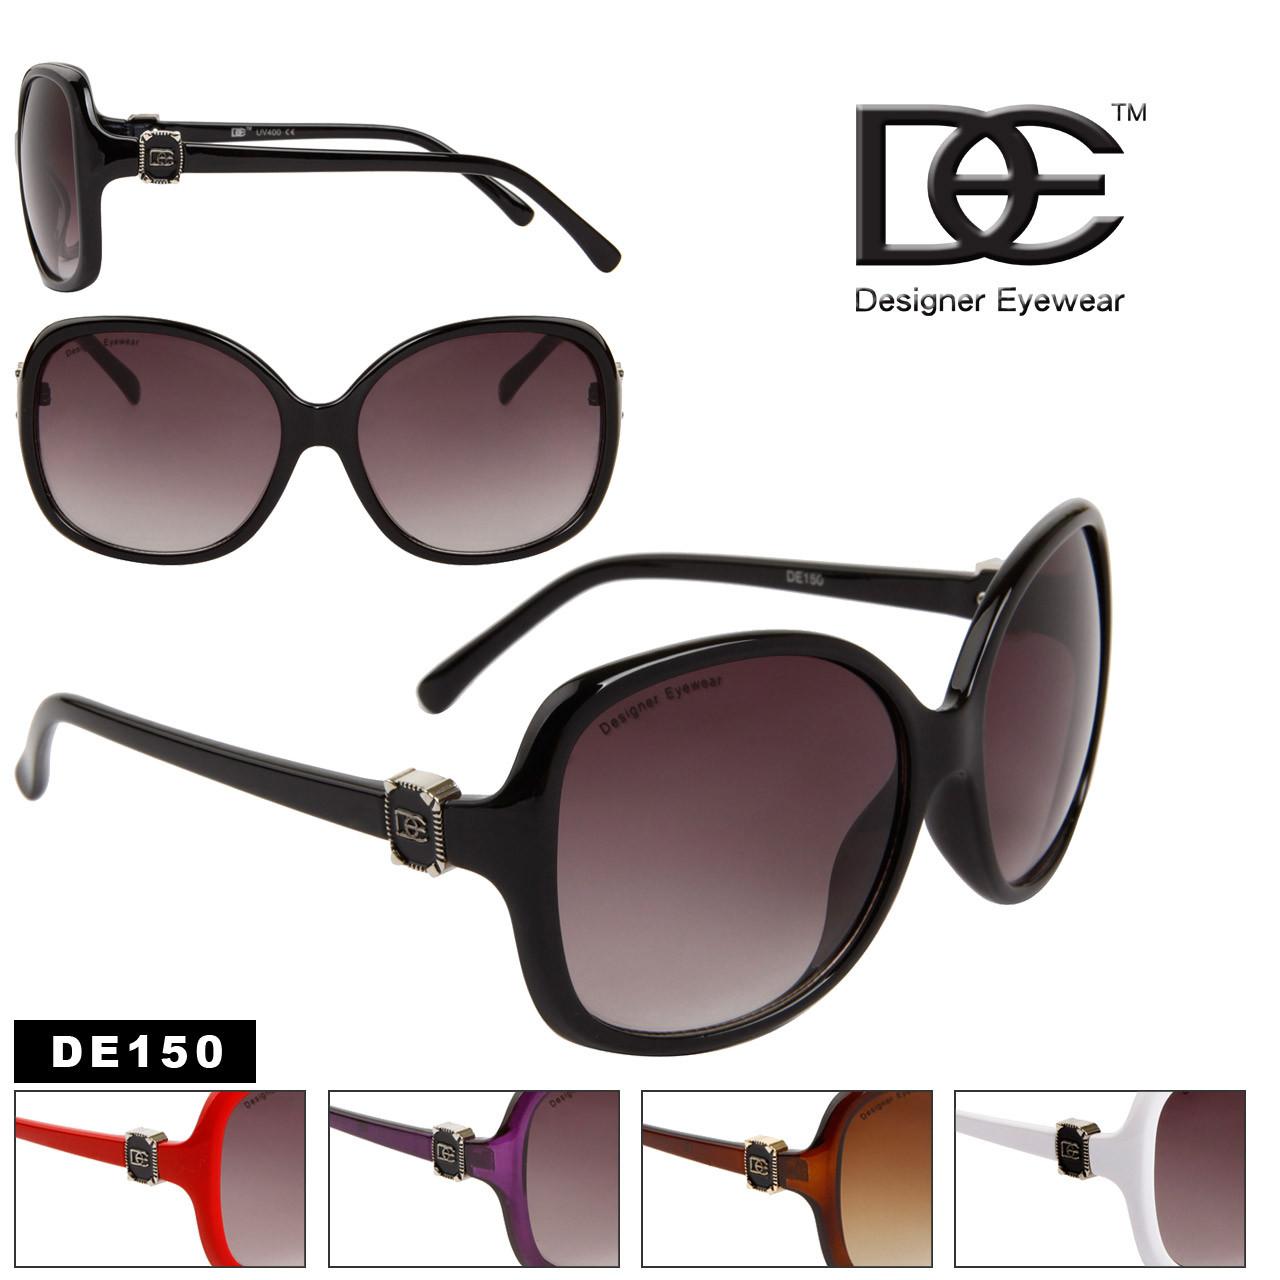 Women's Fashion Sunglasses Wholesale - Style # DE150